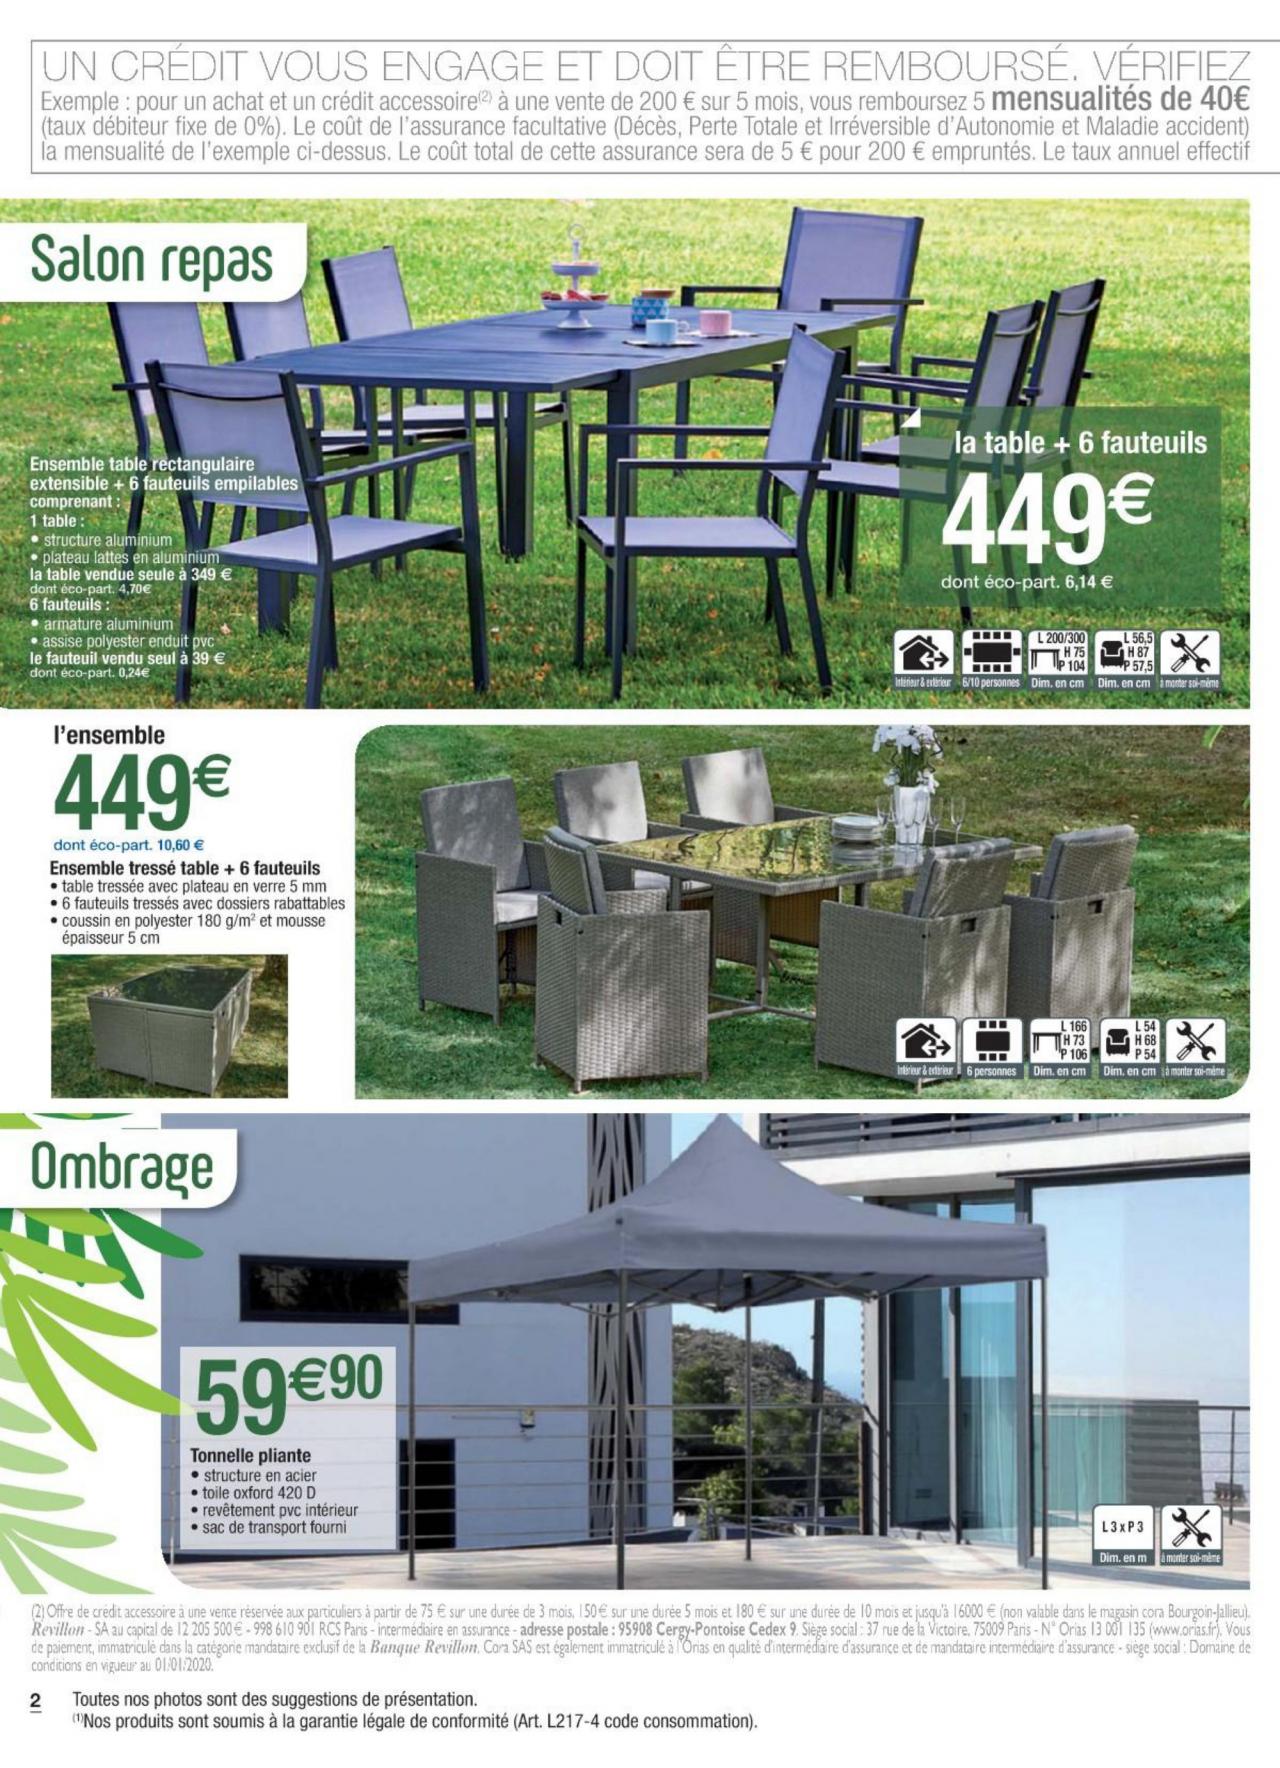 Prospectus Cora - Salon De Jardín Du 07/04/2020 | Kupino.fr concernant Salon De Jardin Cora